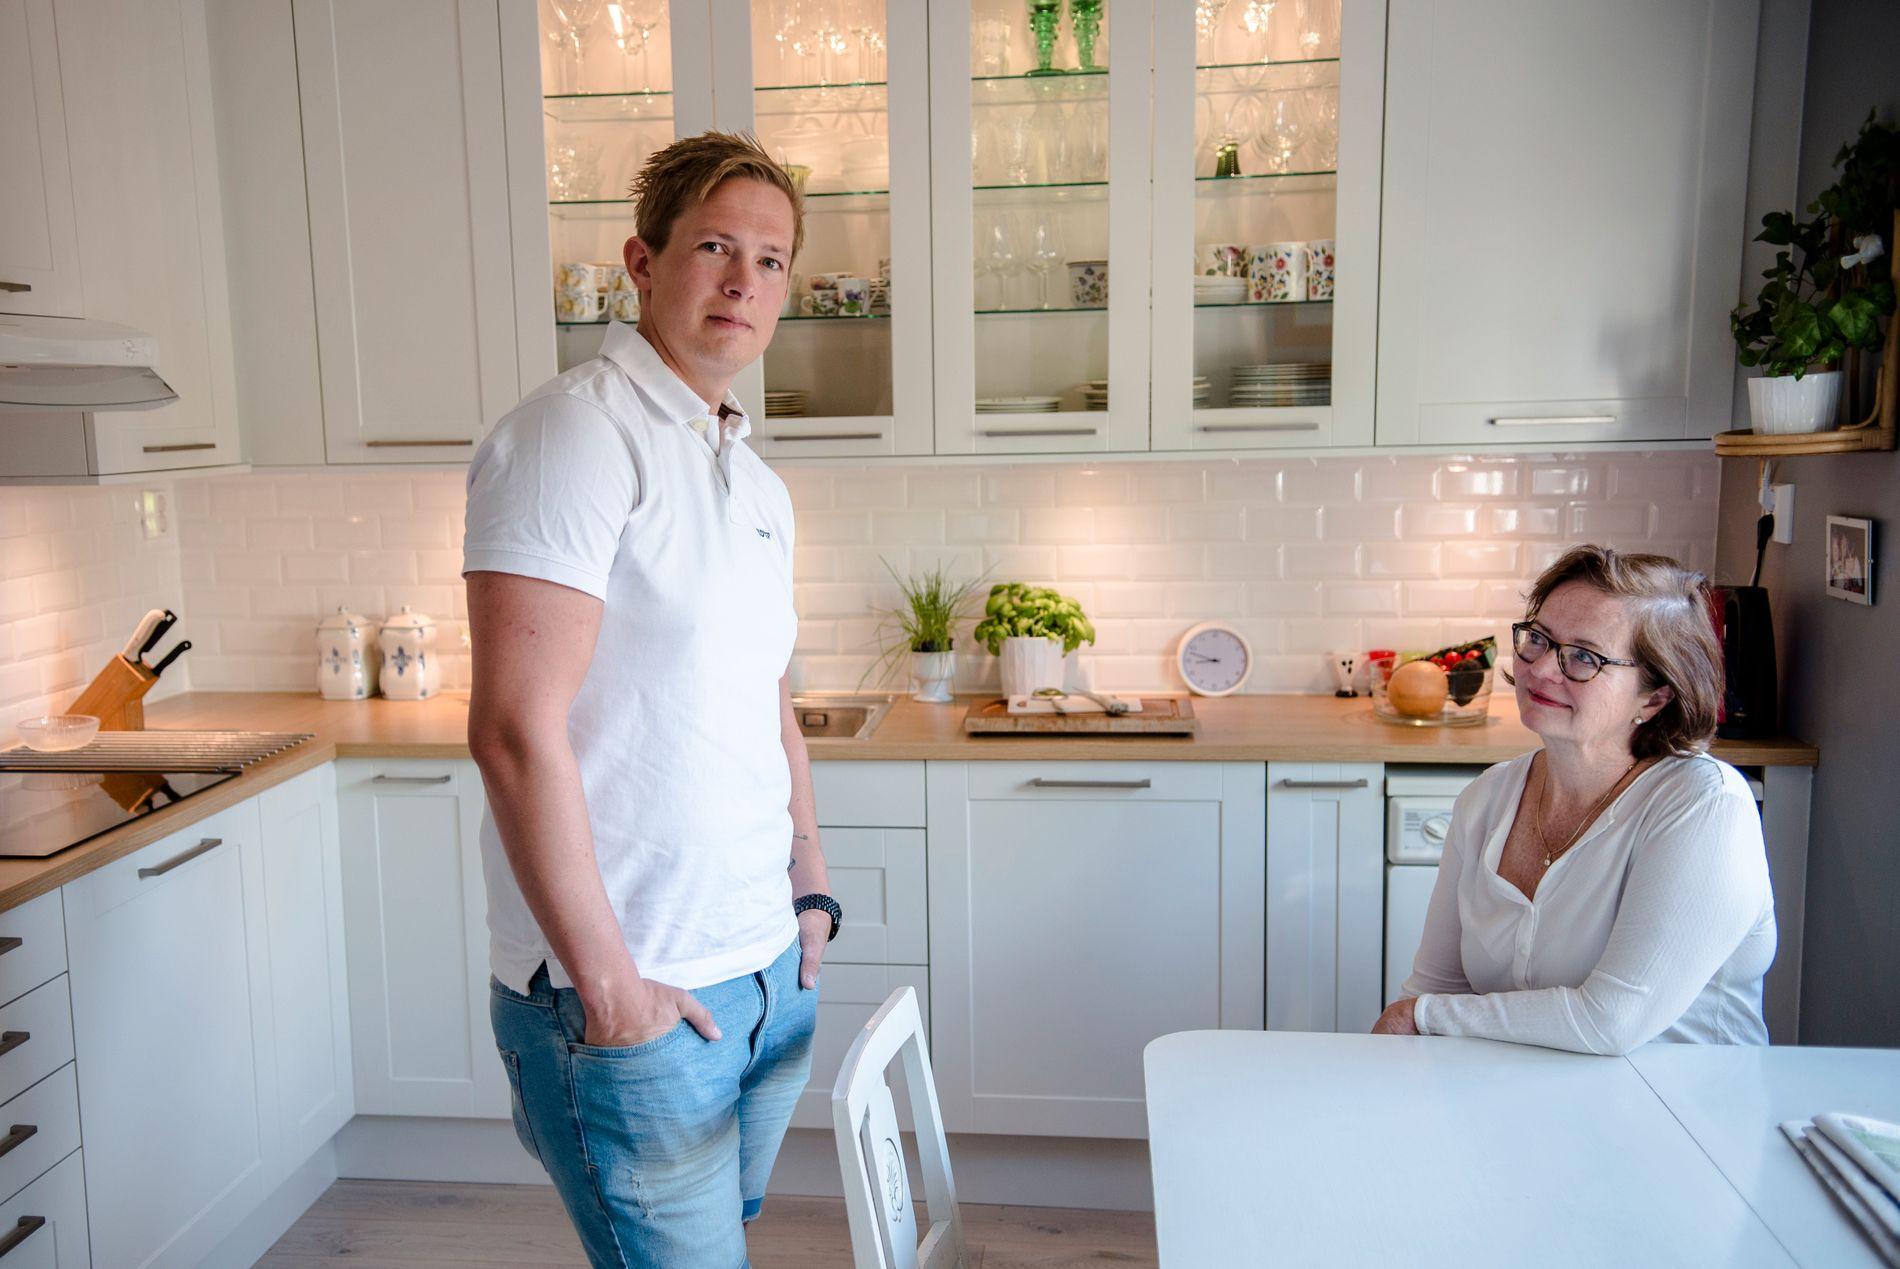 FORNØYD: Birgitta Balstad er takknemlig for jobben Recover gjorde da hun fikk vannskade i store deler av huset sitt. Hun er spesielt fornøyd med Fredrik Larsson i Recover som koordinerte arbeidet.